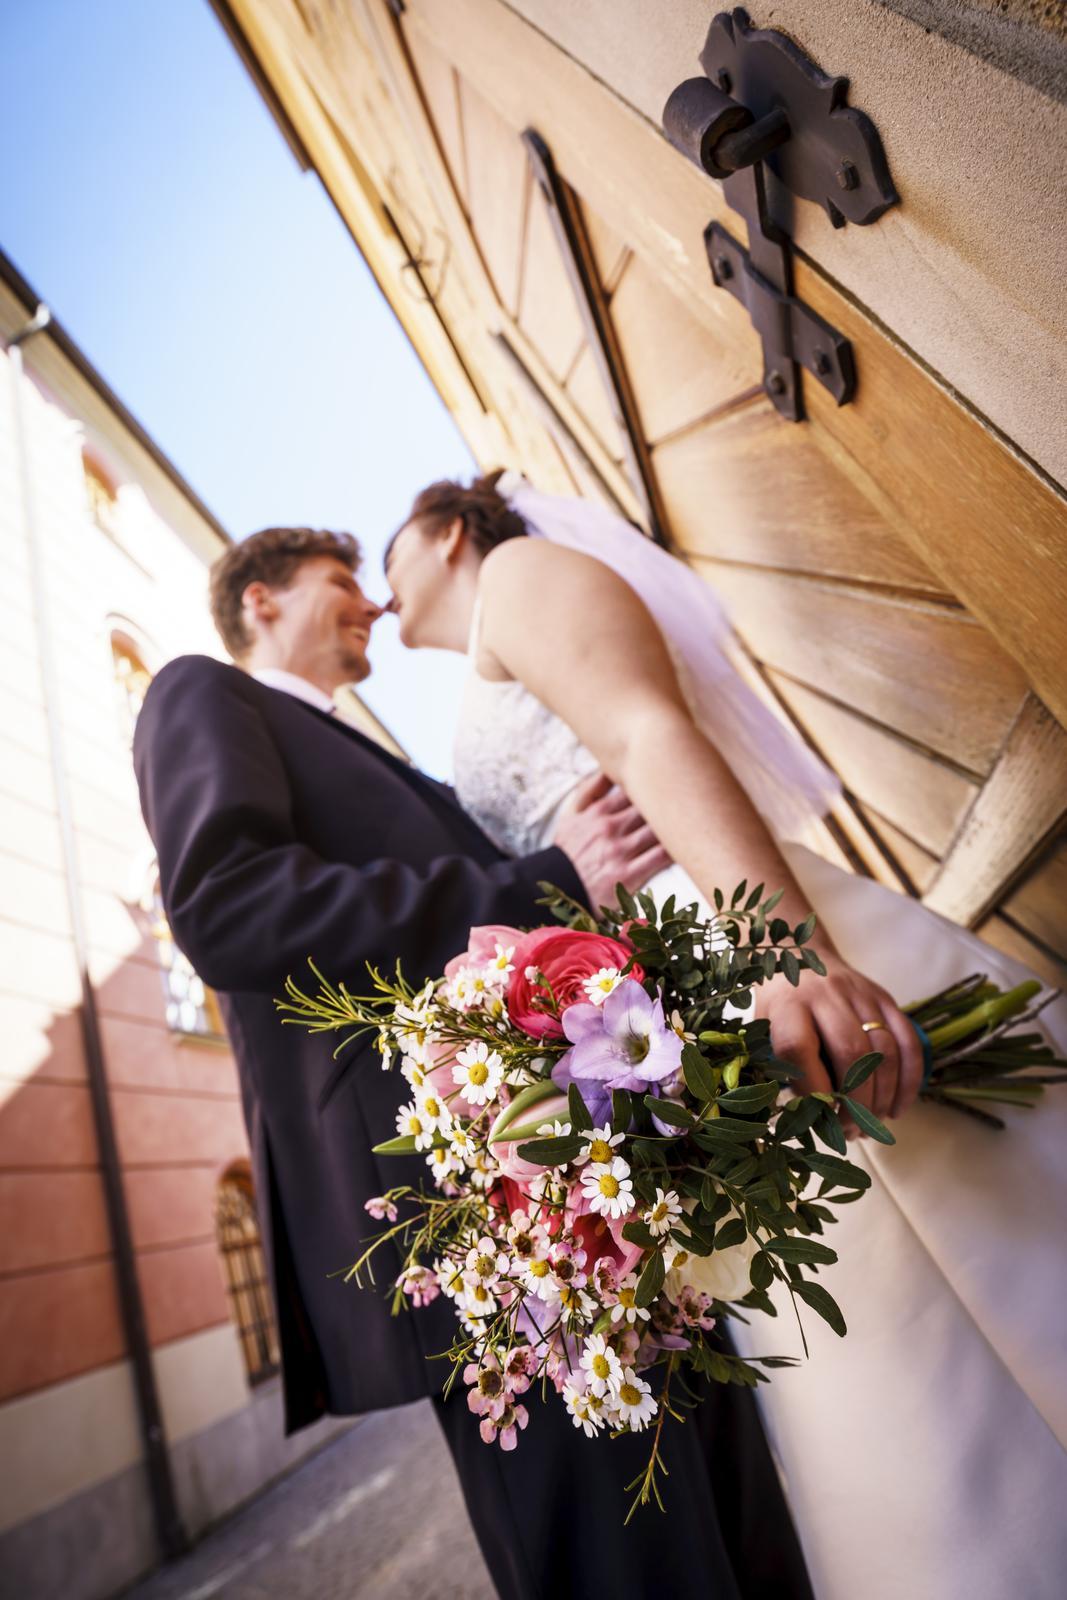 Inspirace pro jarní nevěsty z Rozkvetlé dílny - Tulipány a pryskyřníky